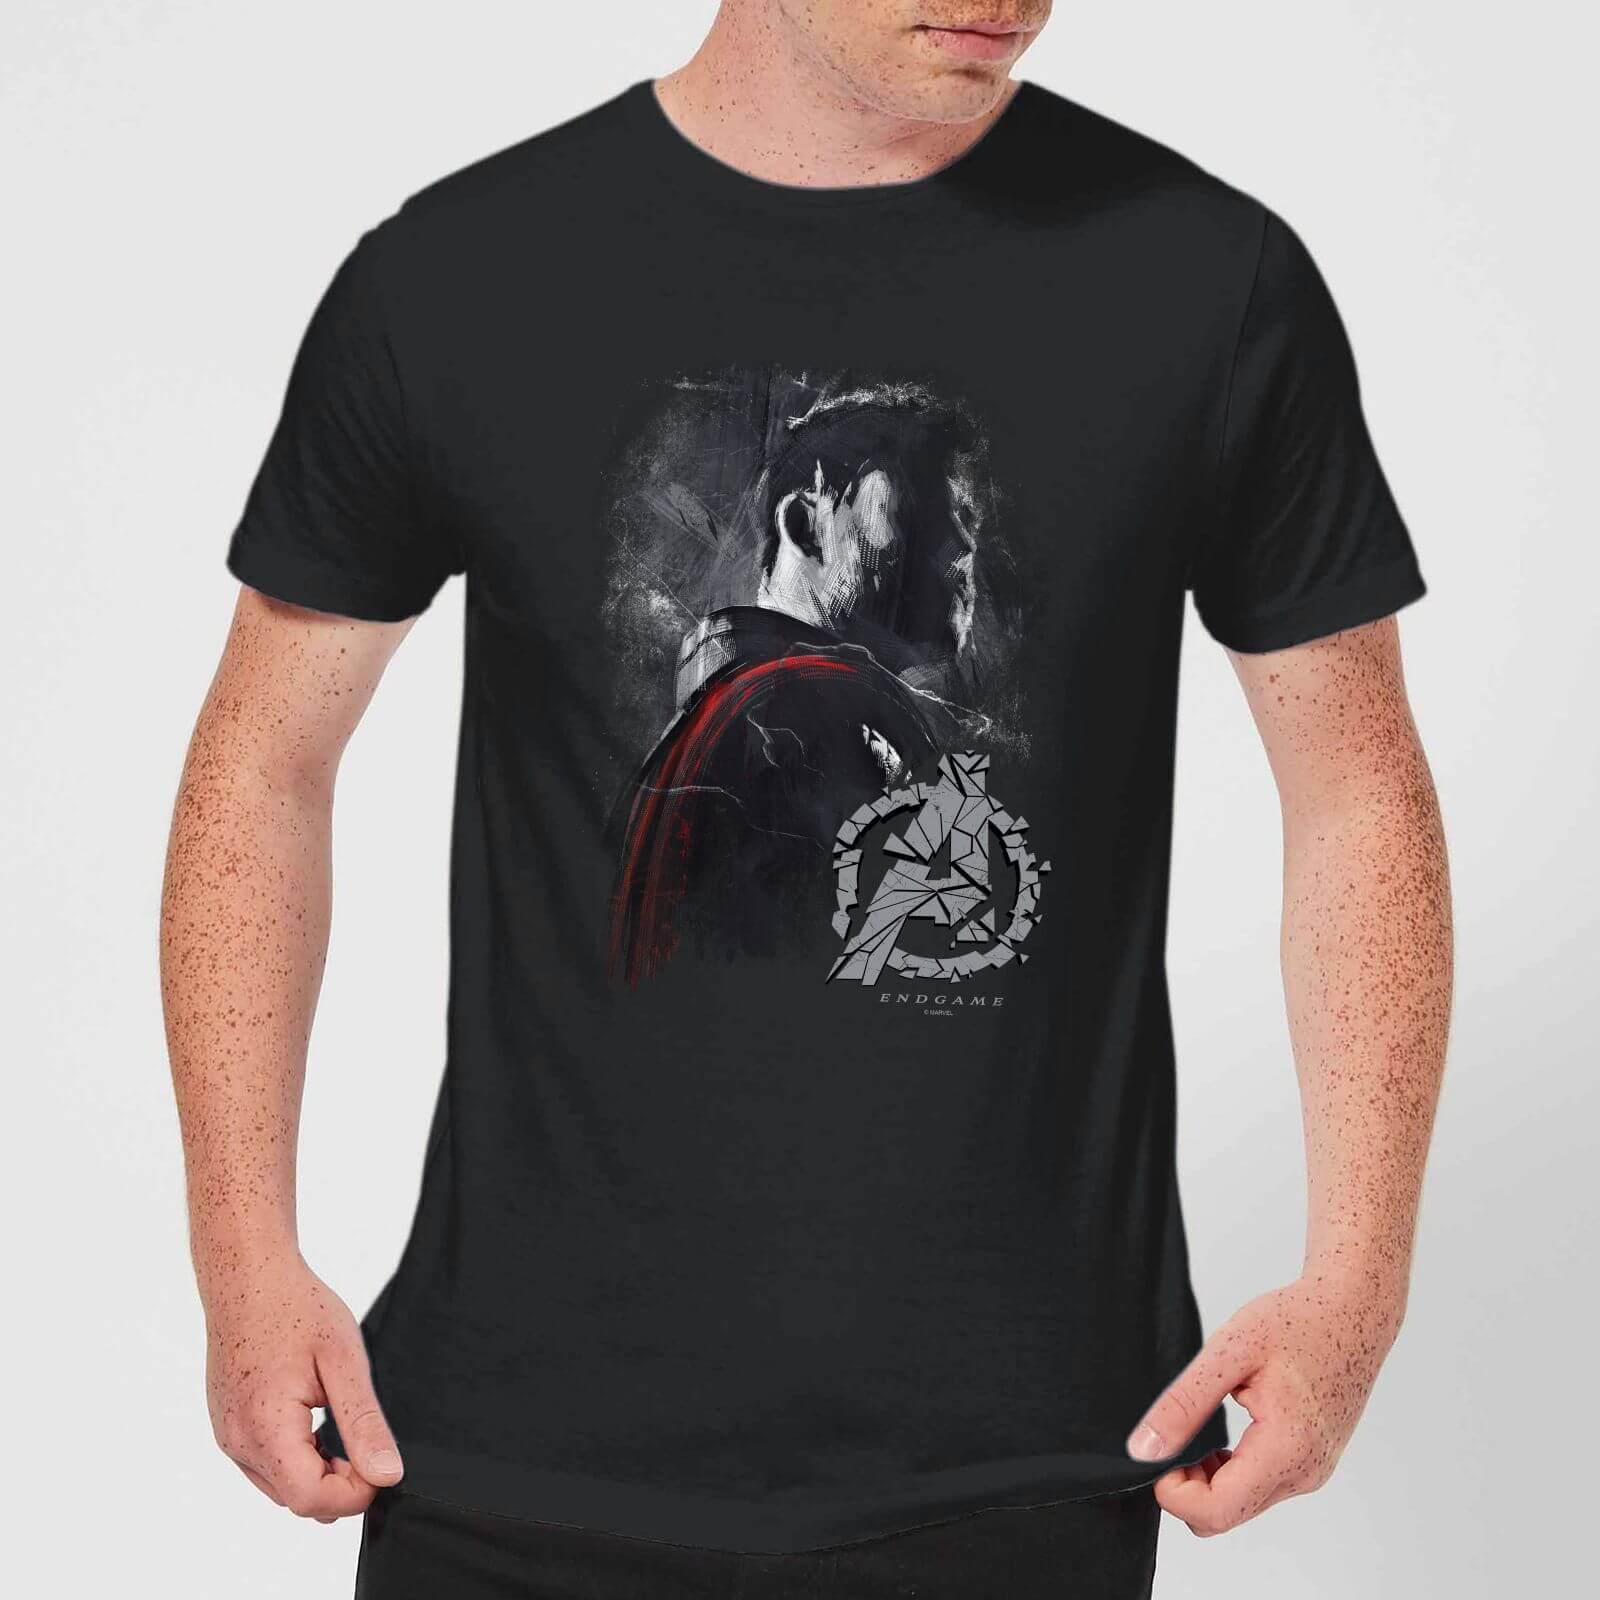 30% Rabatt auf Marvel Avengers: Endgame T-Shirts & Pullover - z.B. Thor T-Shirt in schwarz